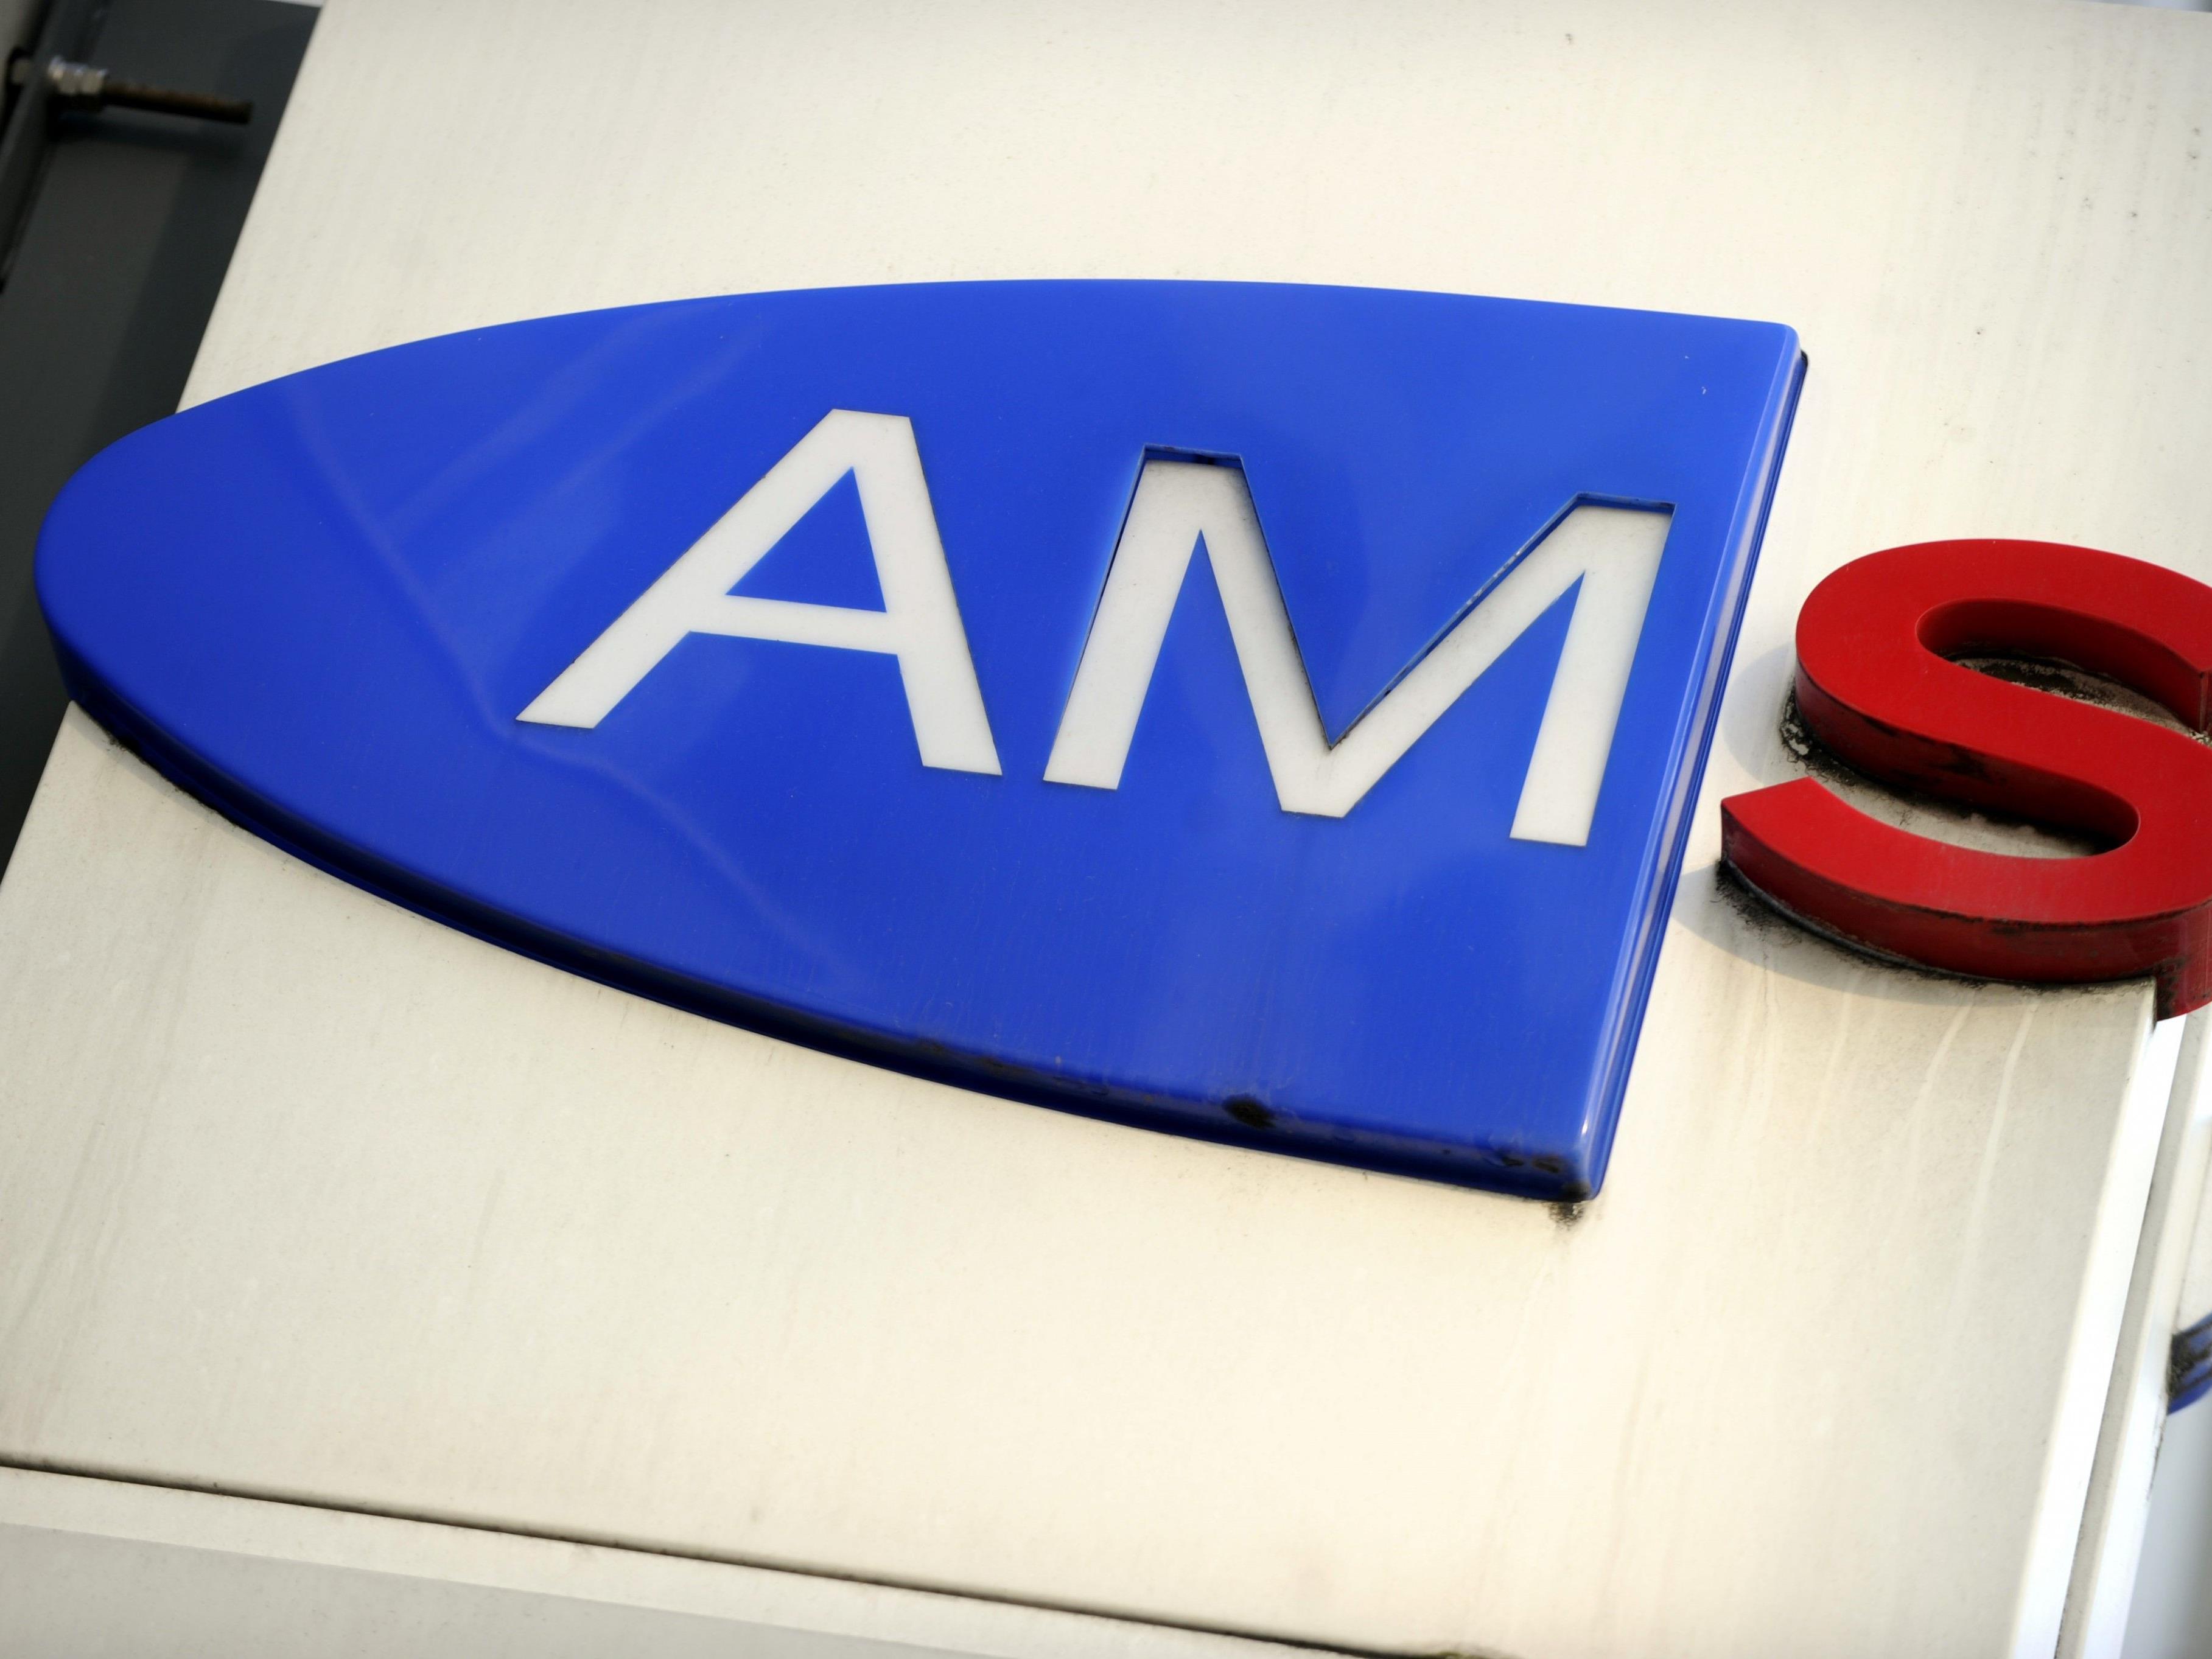 Das AMS mit erfreulichen Nachrichten aus bzw. für Wien